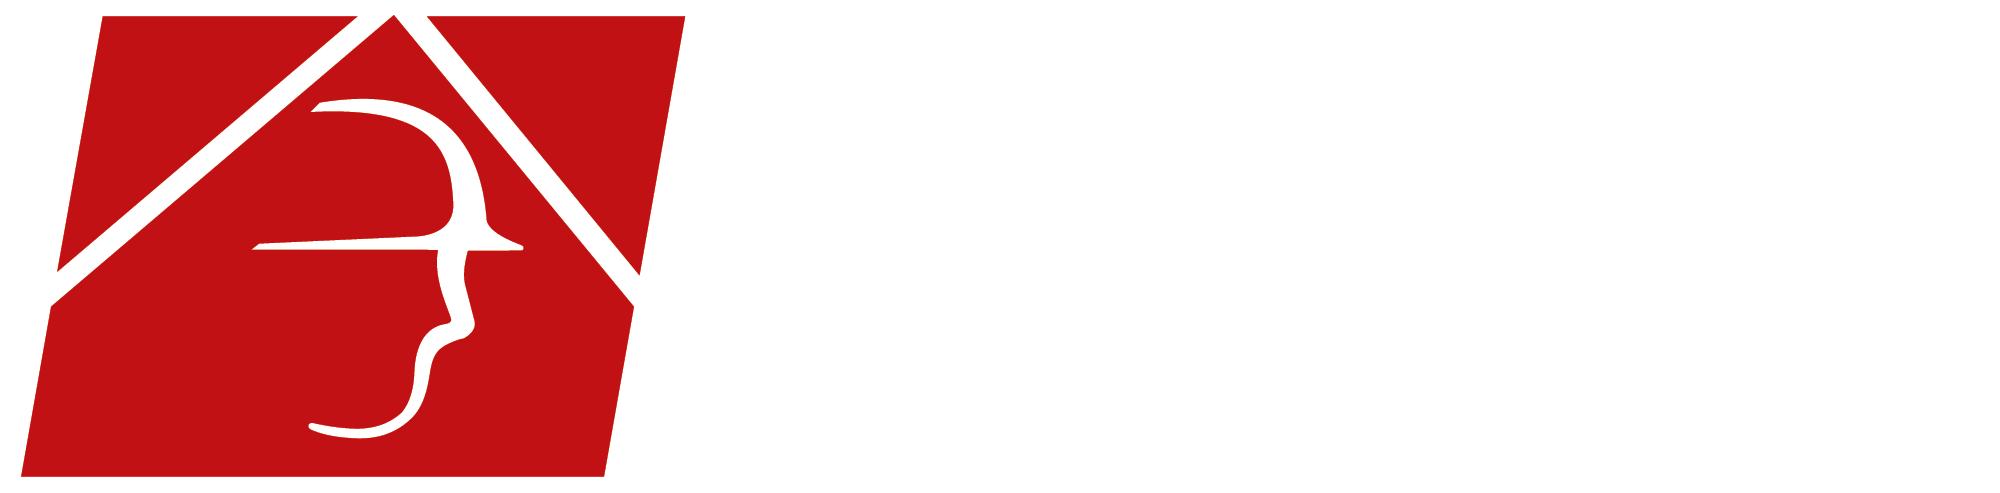 https://www.byggnads.se/